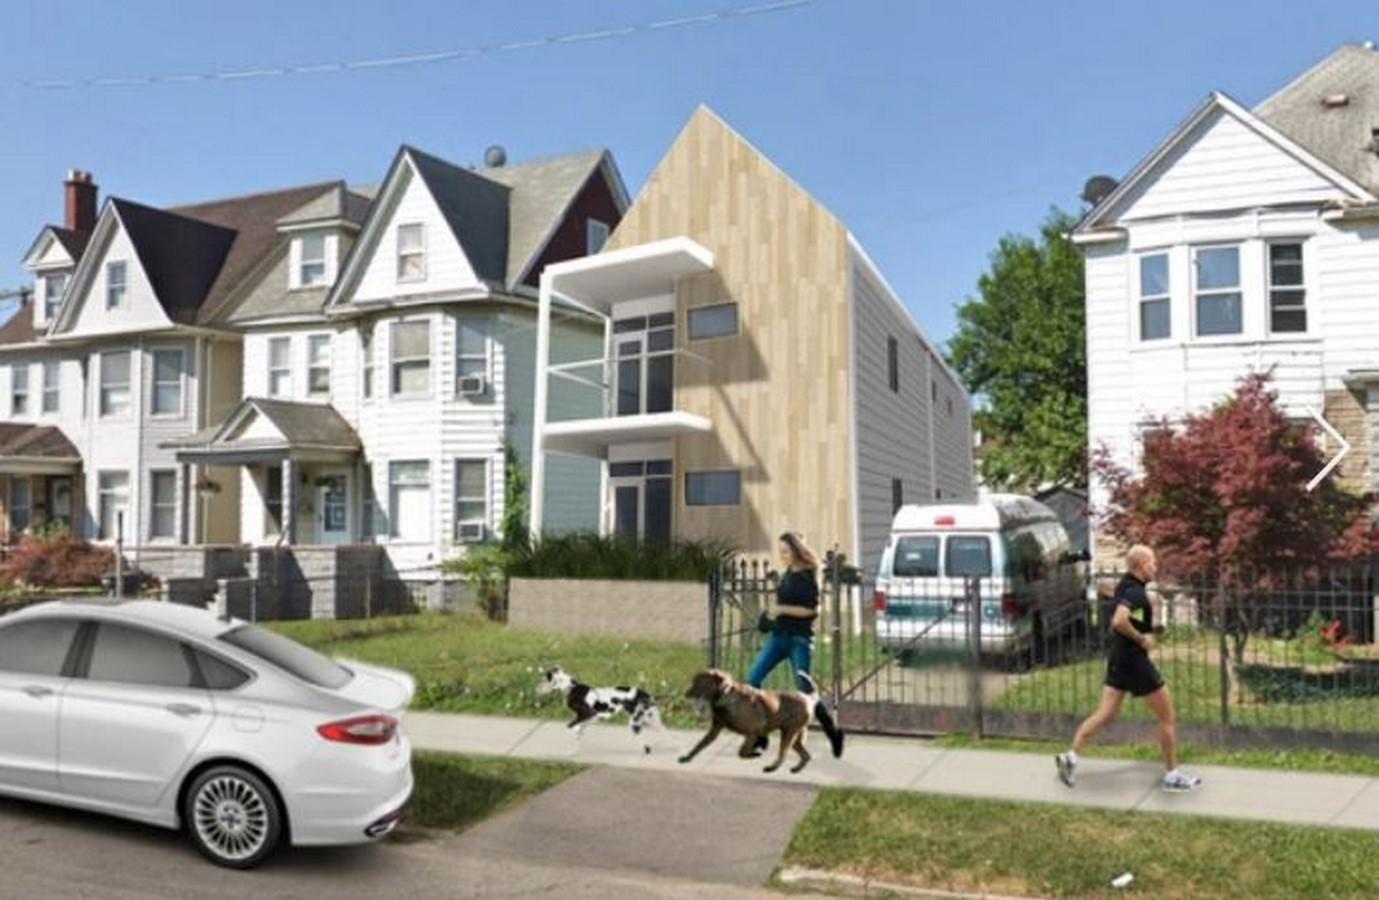 Architects in Detroit - Top 35 Architects in Detroit - Sheet4